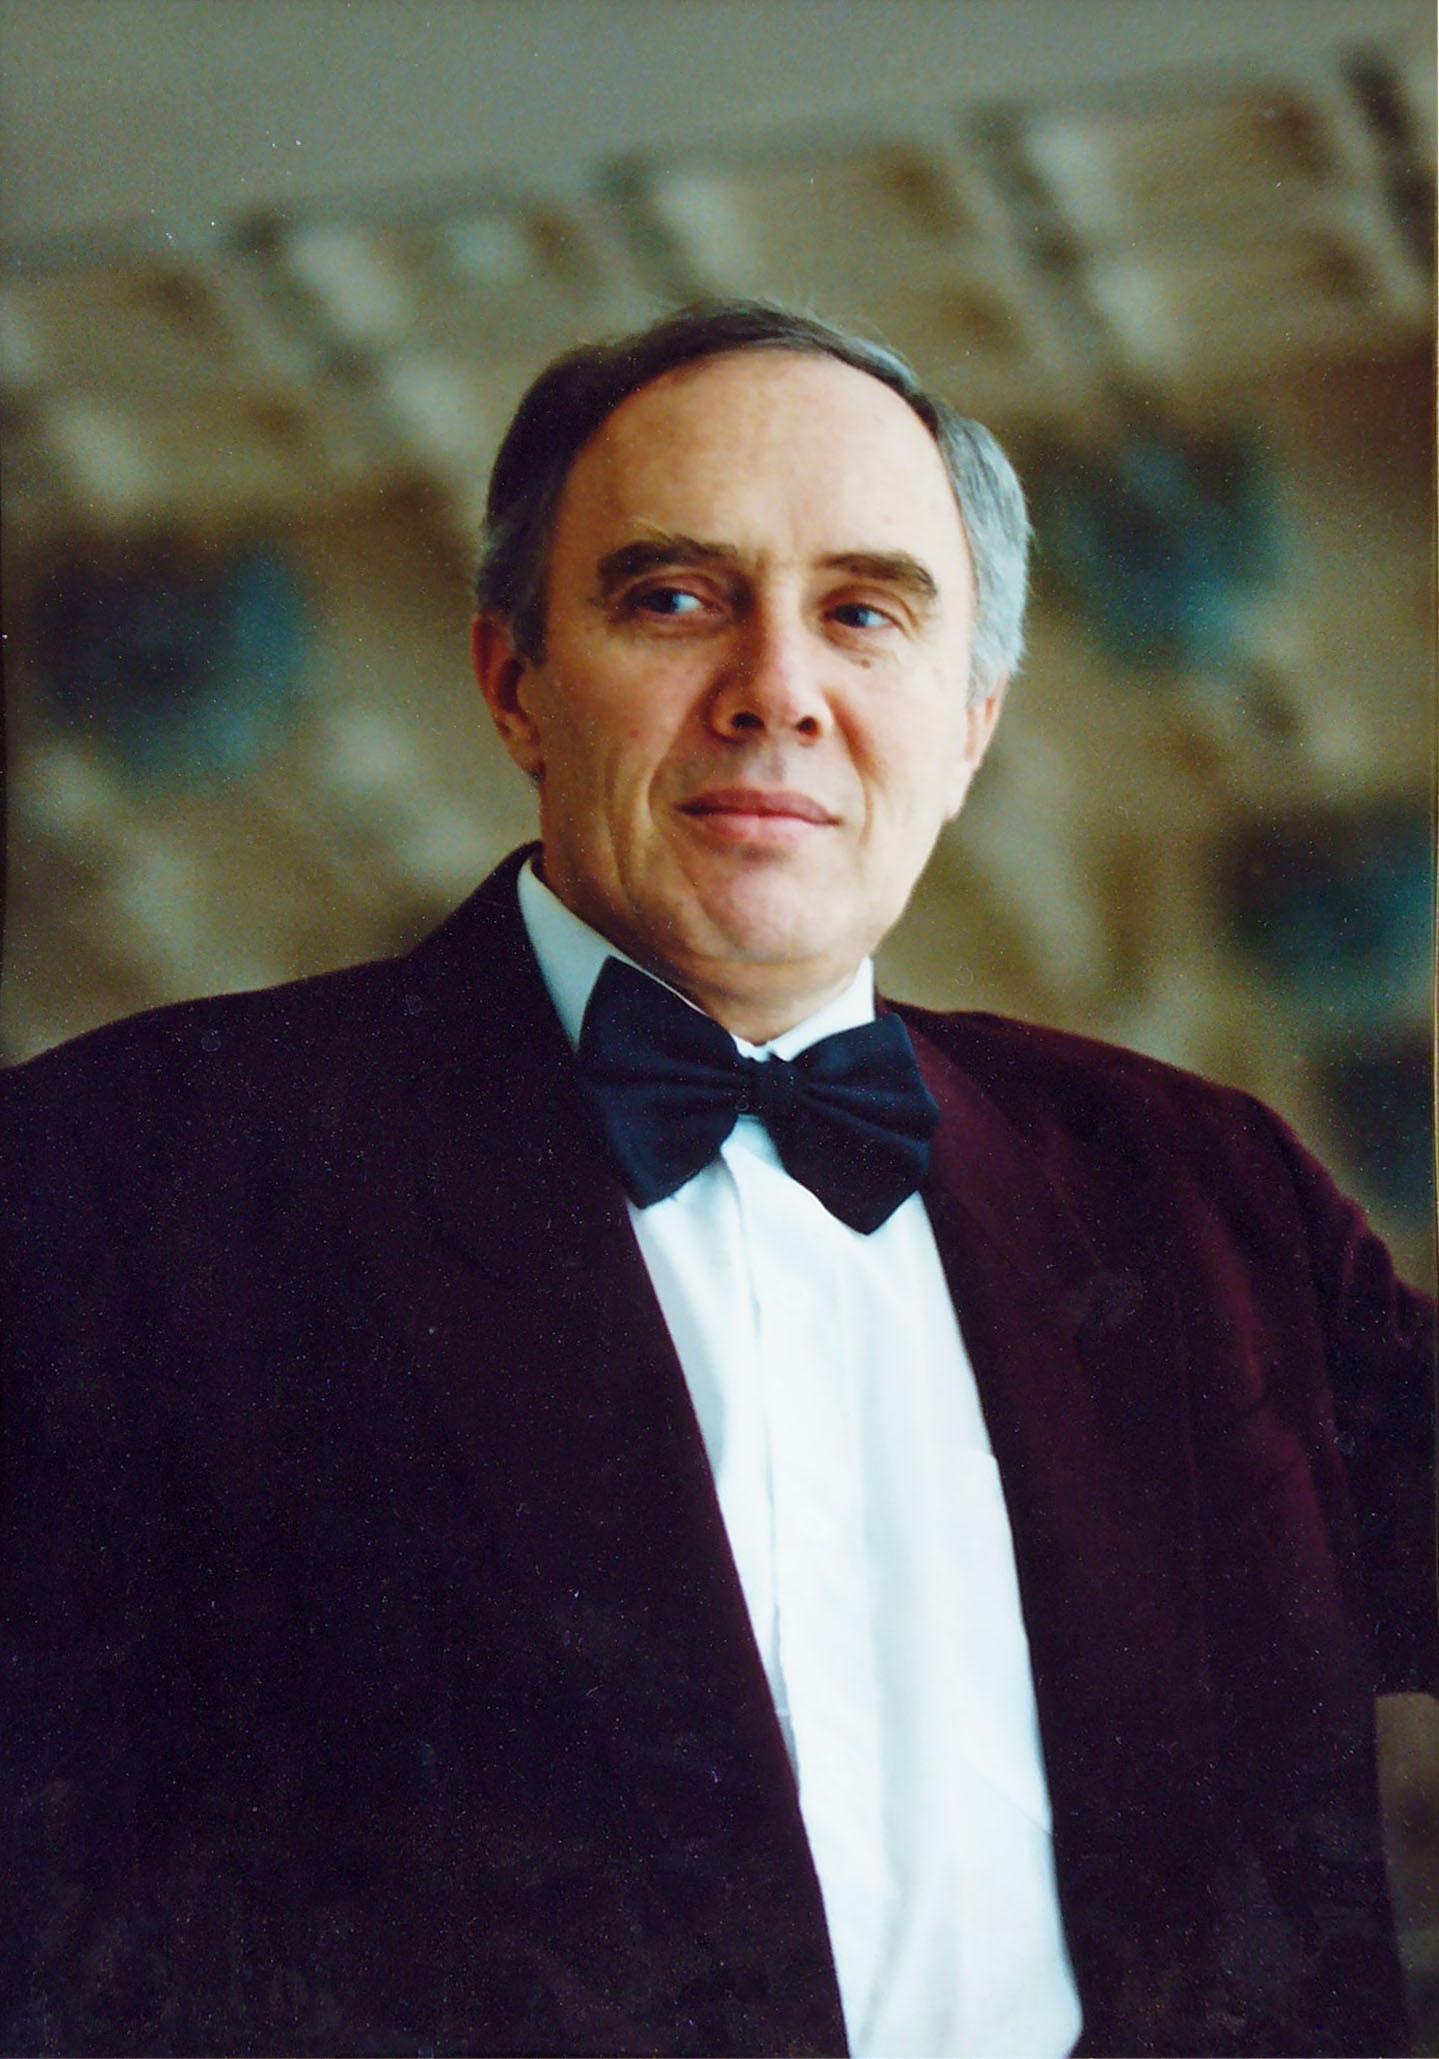 Алексей Богодист